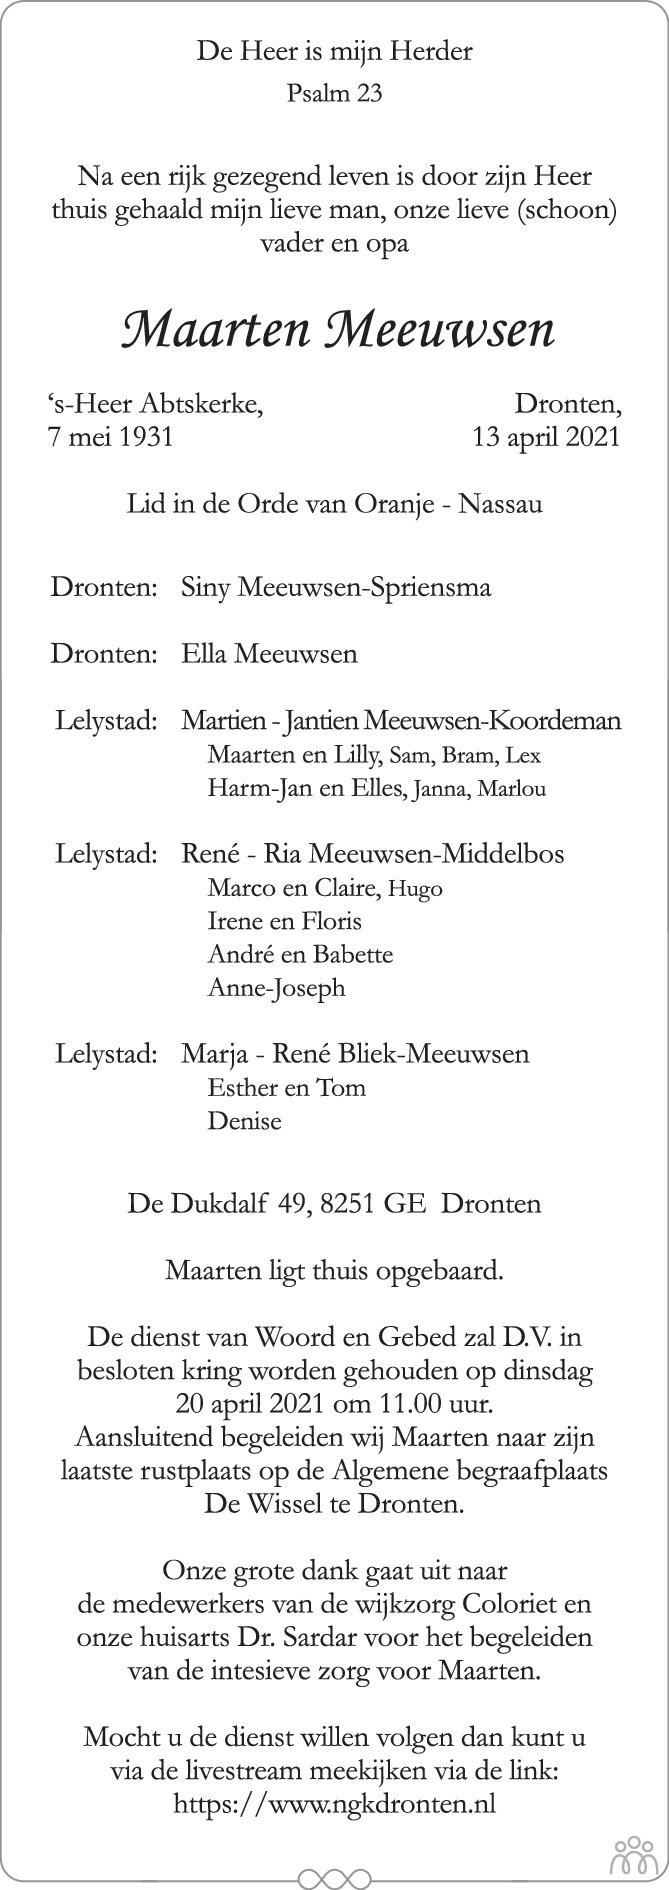 Overlijdensbericht van Maarten Meeuwsen in de Stentor